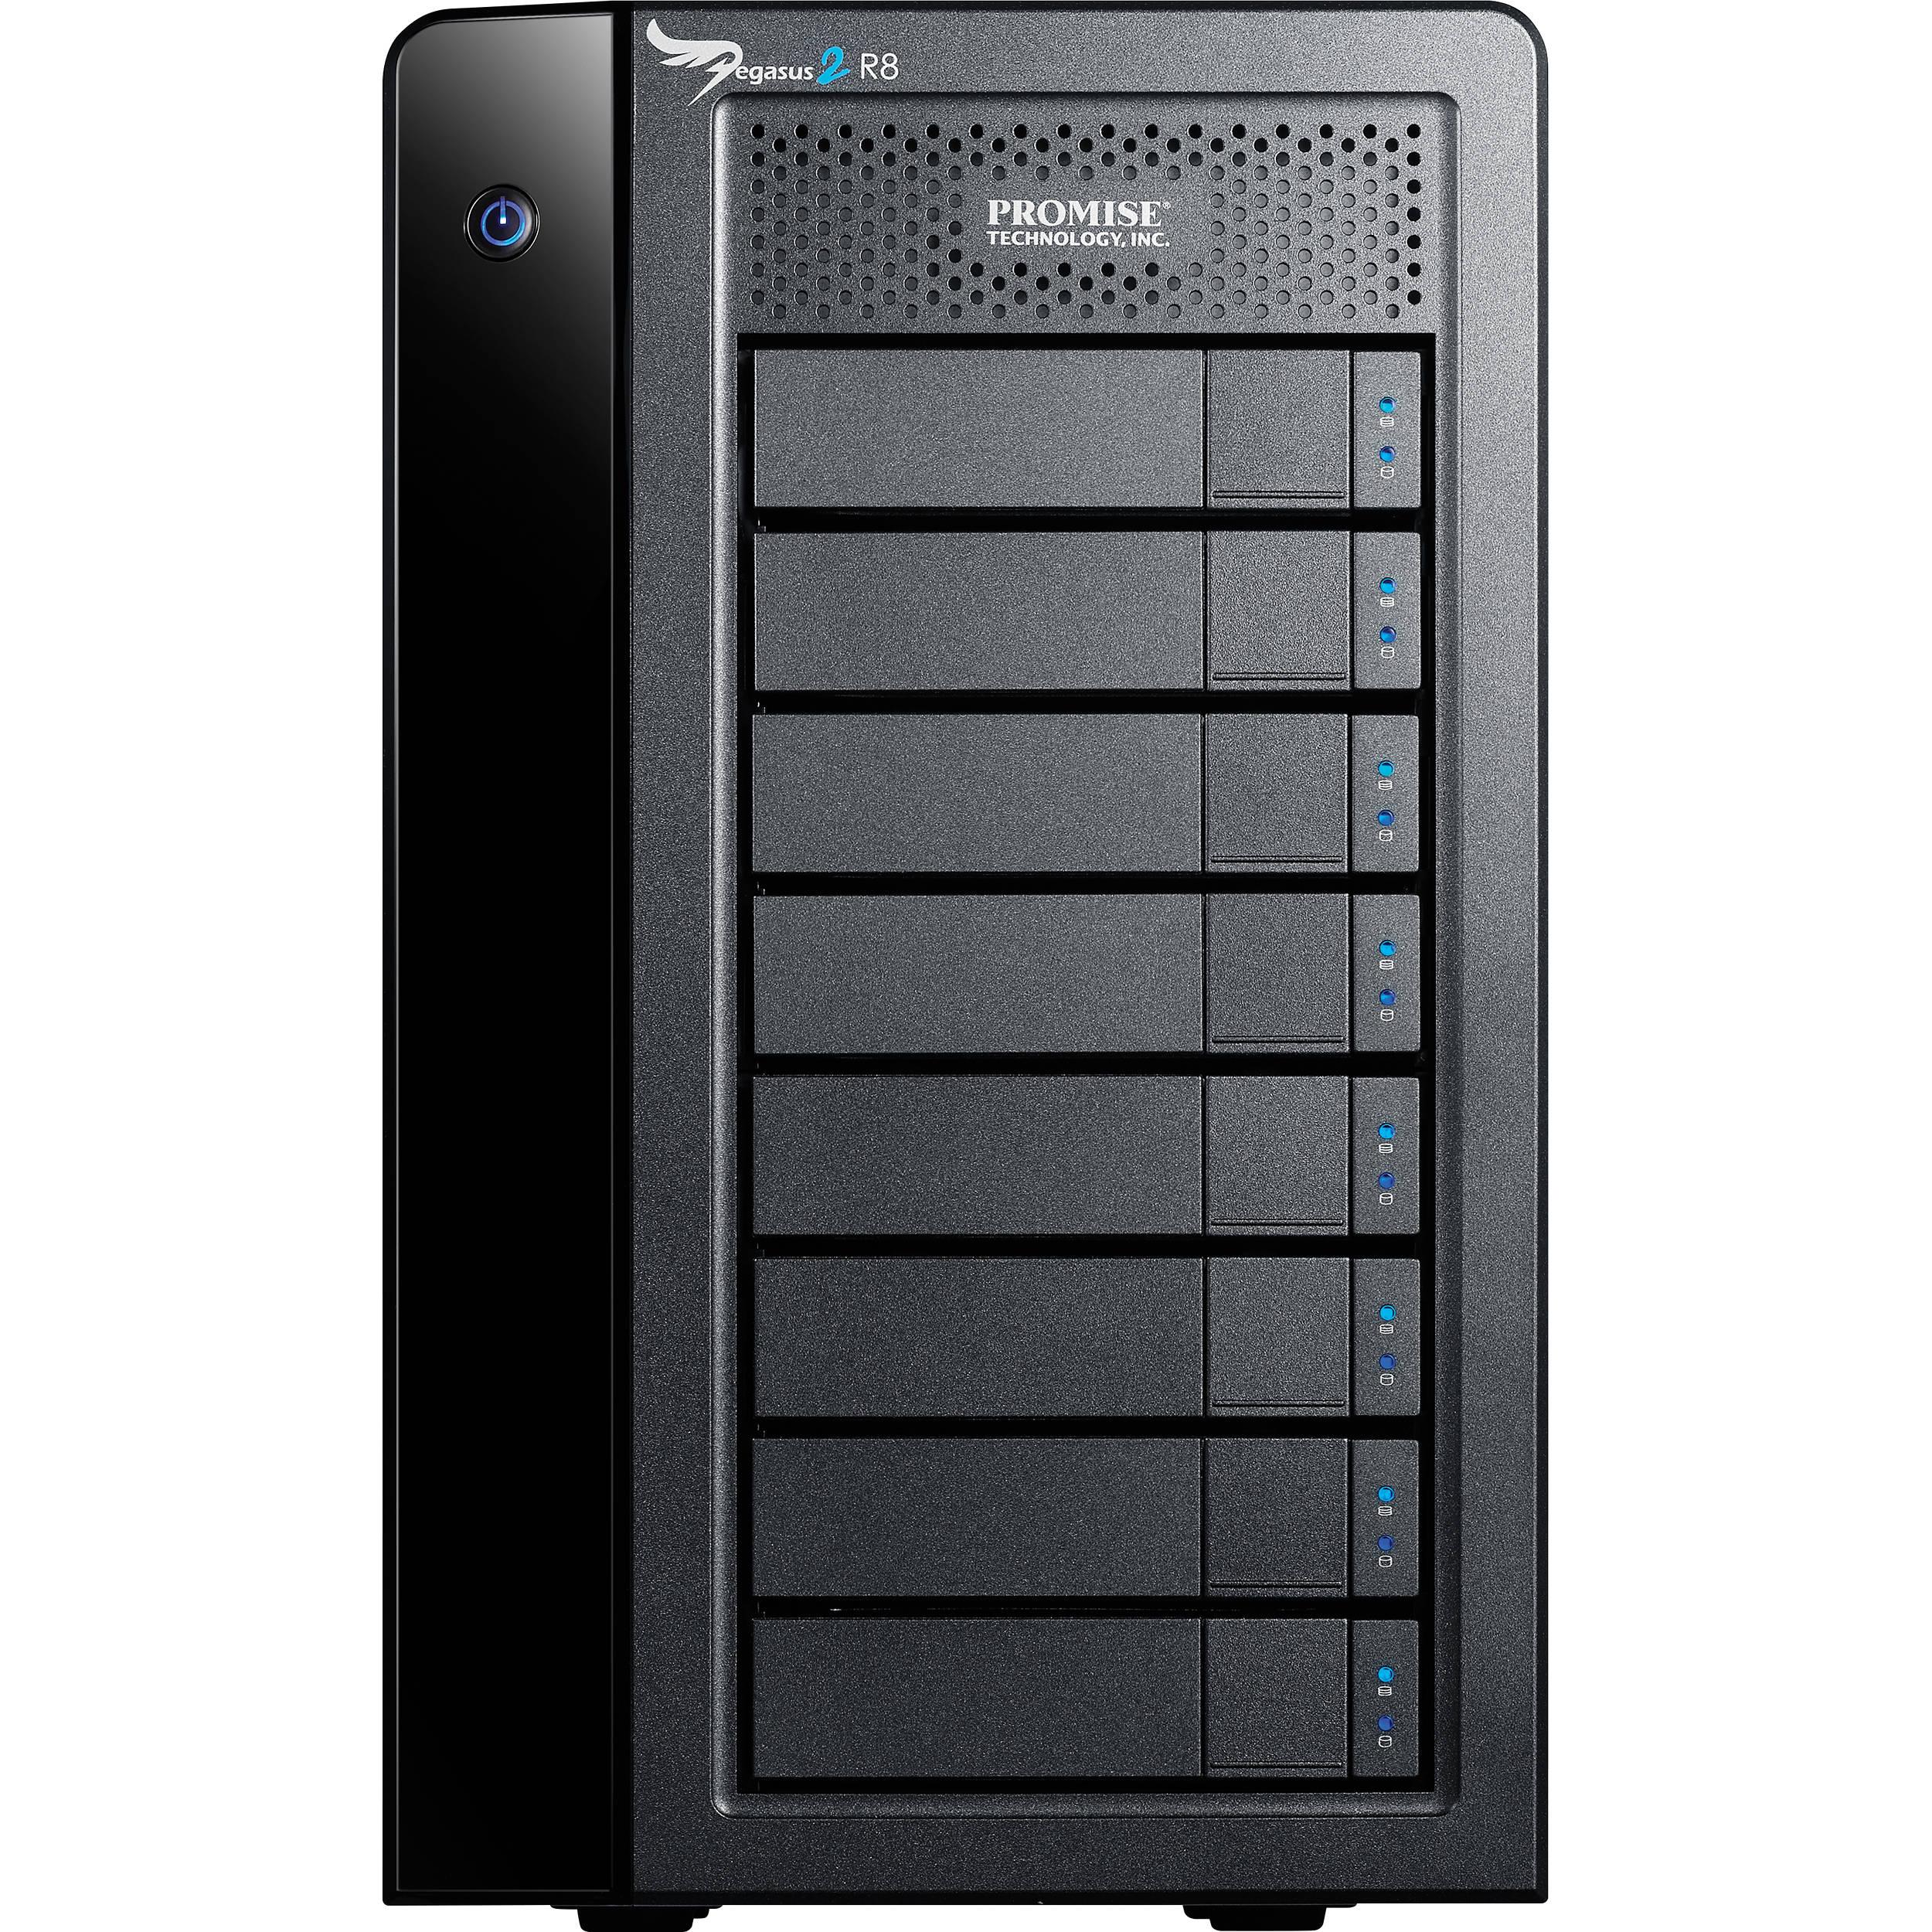 Promise Technology 32TB Pegasus2 R8 Thunderbolt 2 P2R8HD32HUS